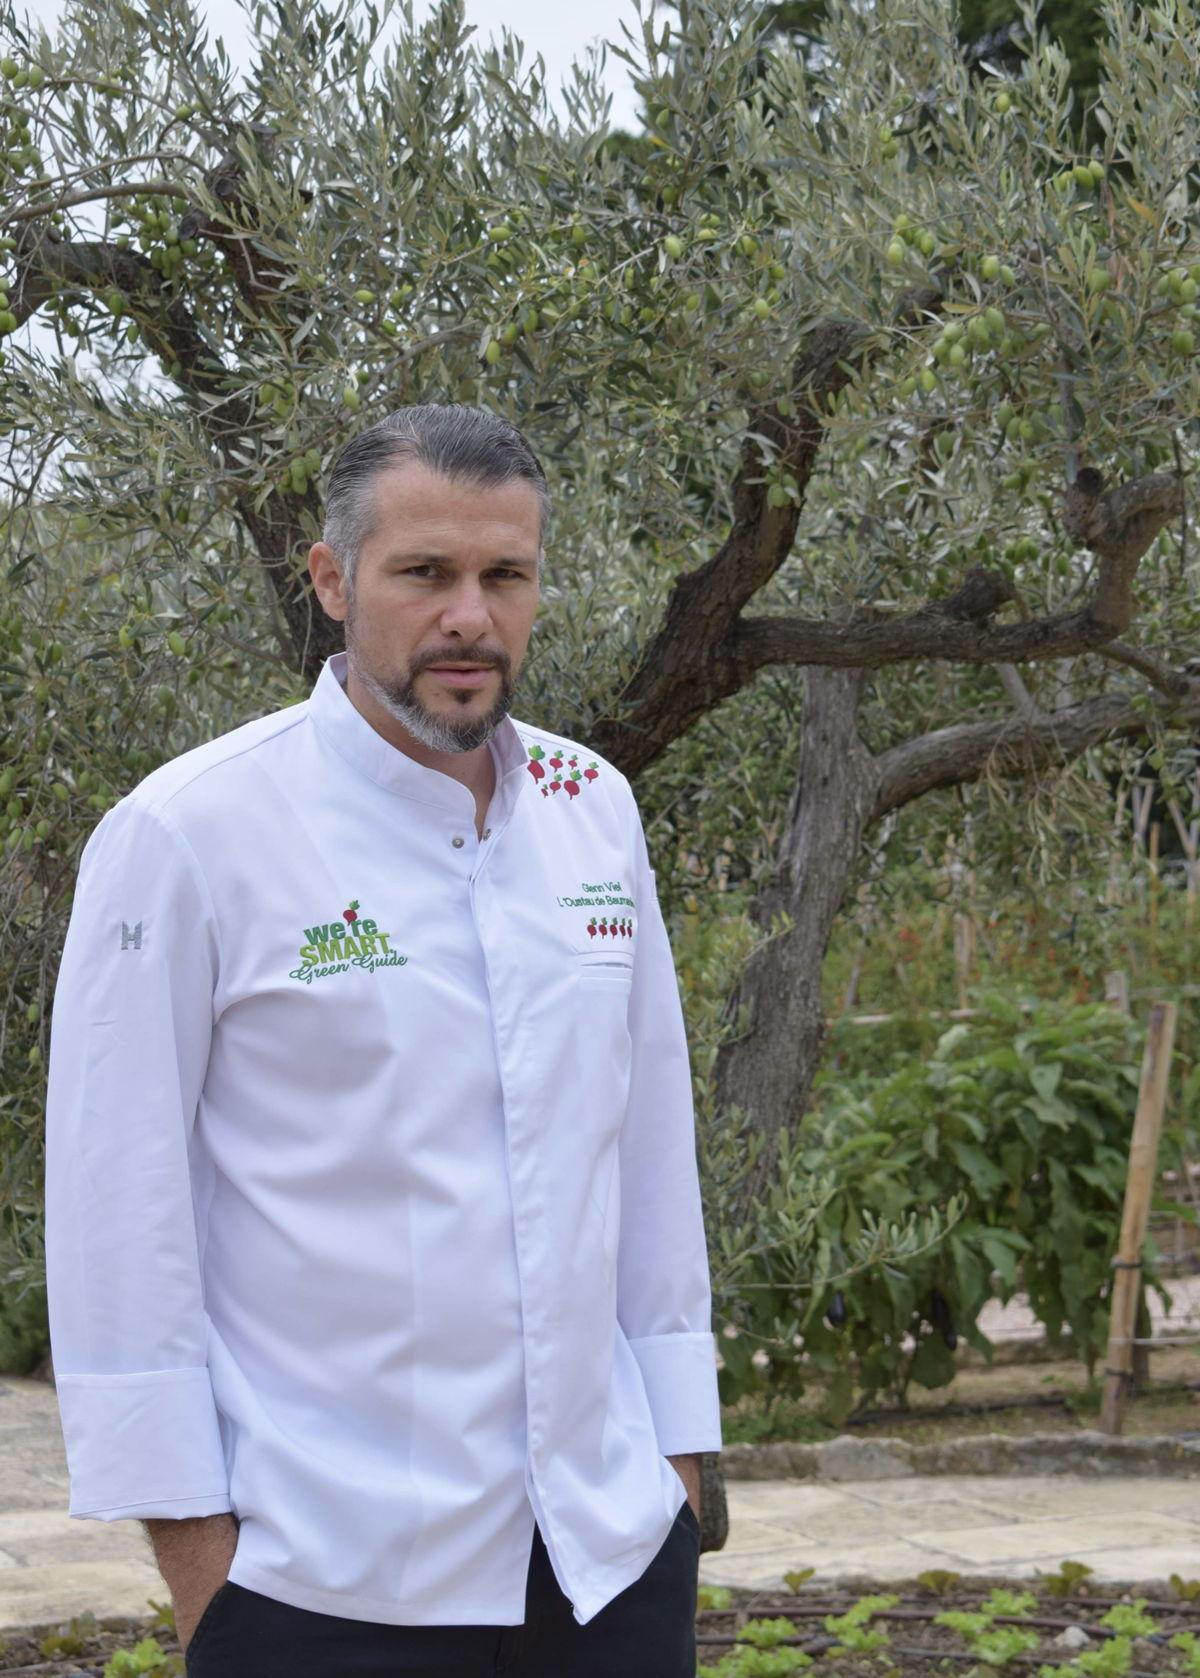 Chef Glenn Viel (L